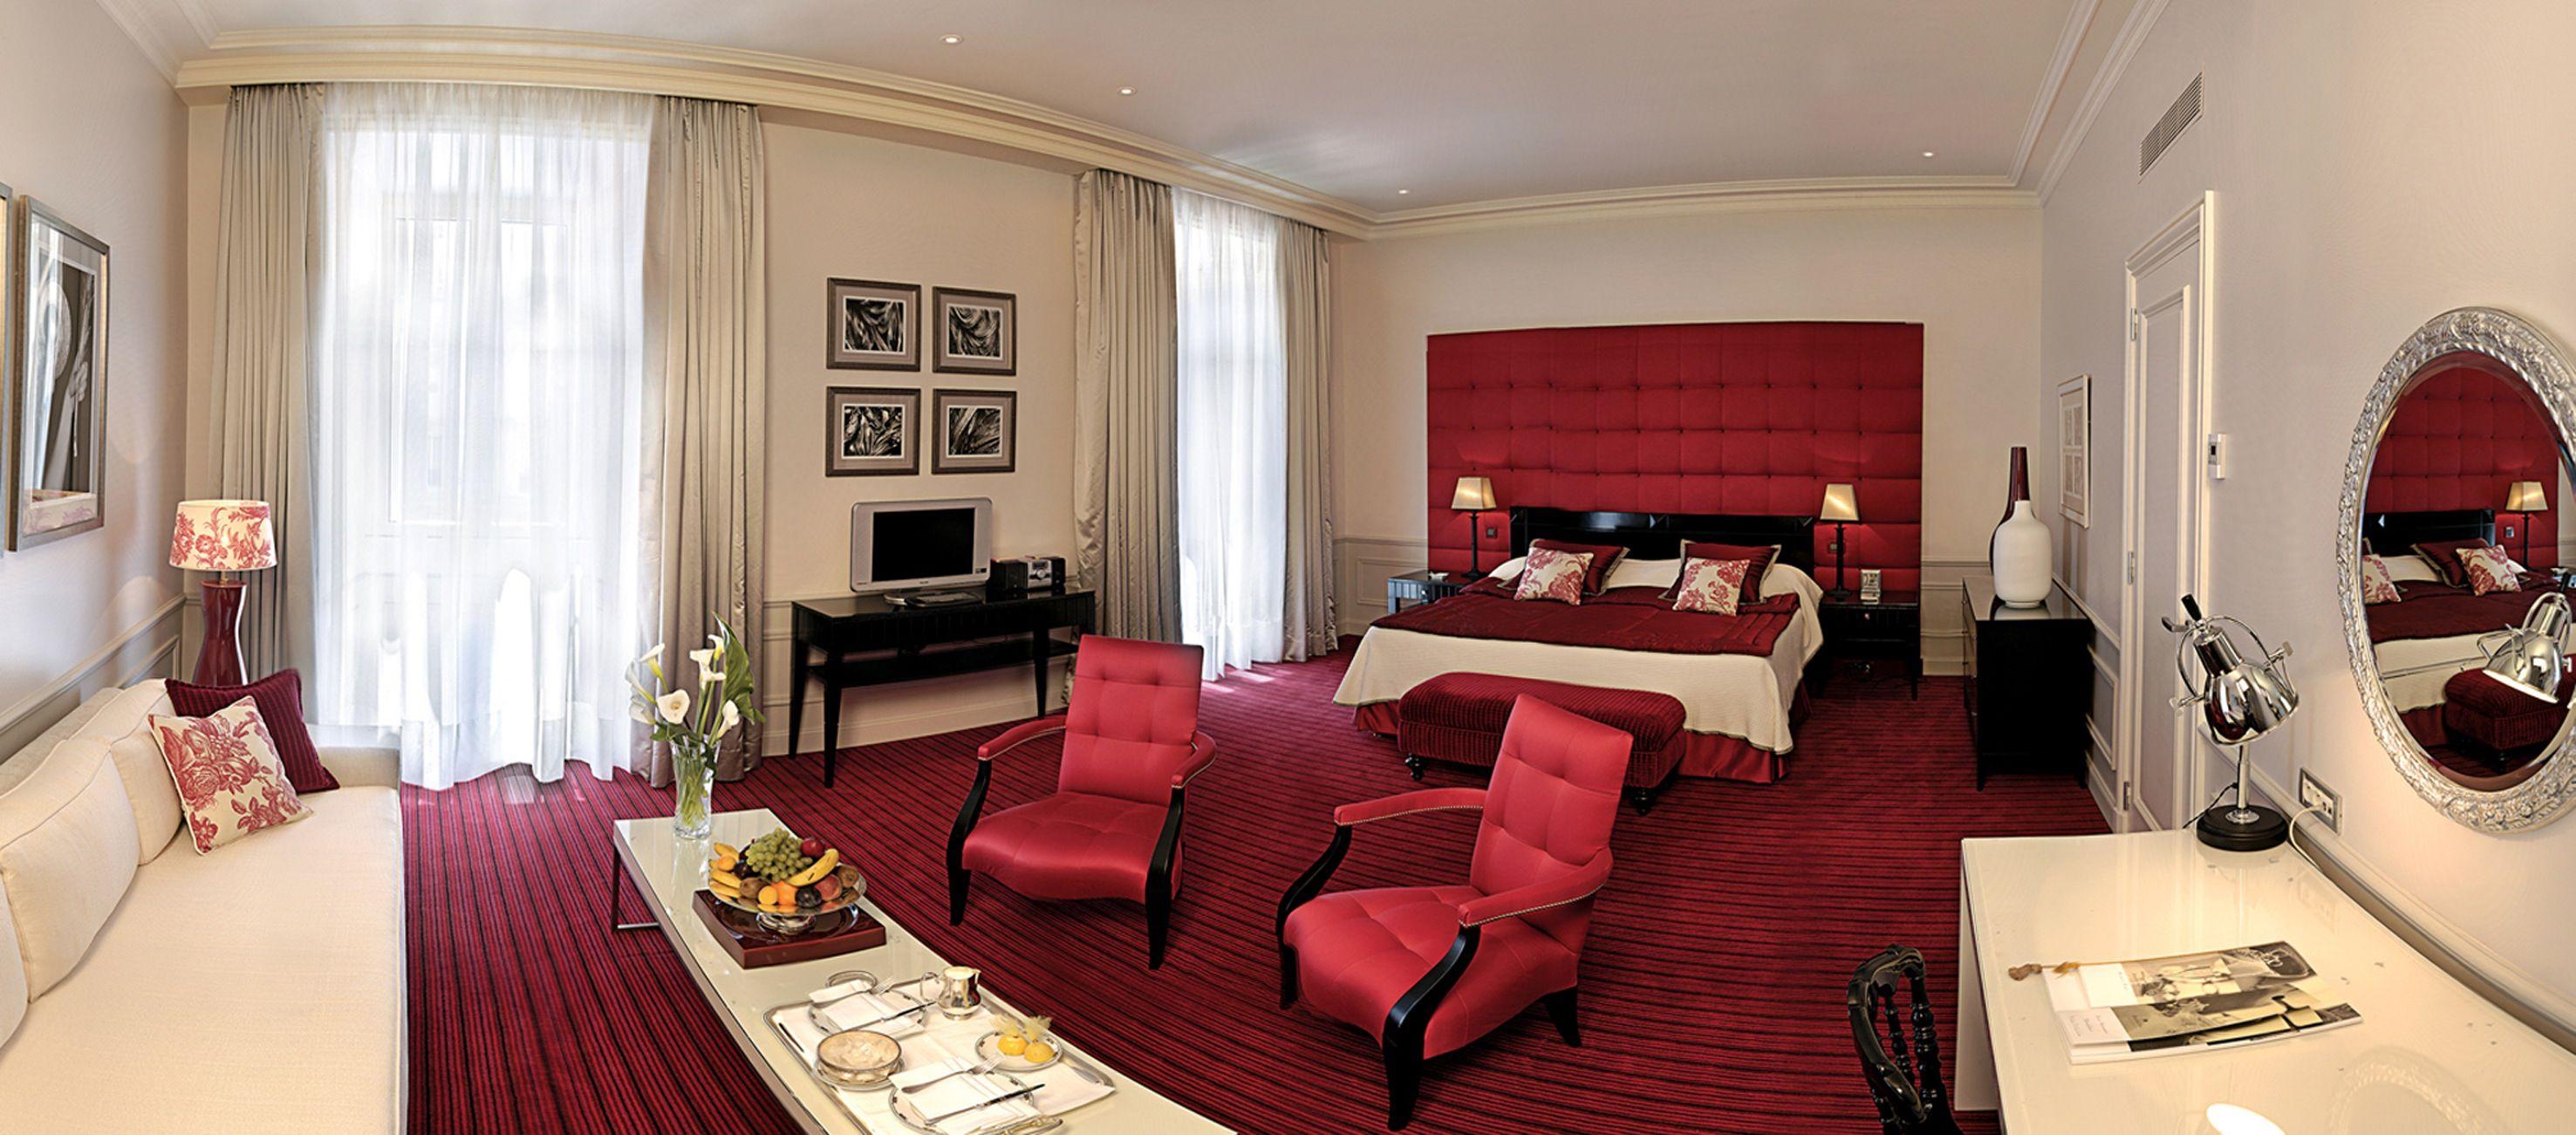 Hotel De Paris - Place Du Casino 98000 Guide